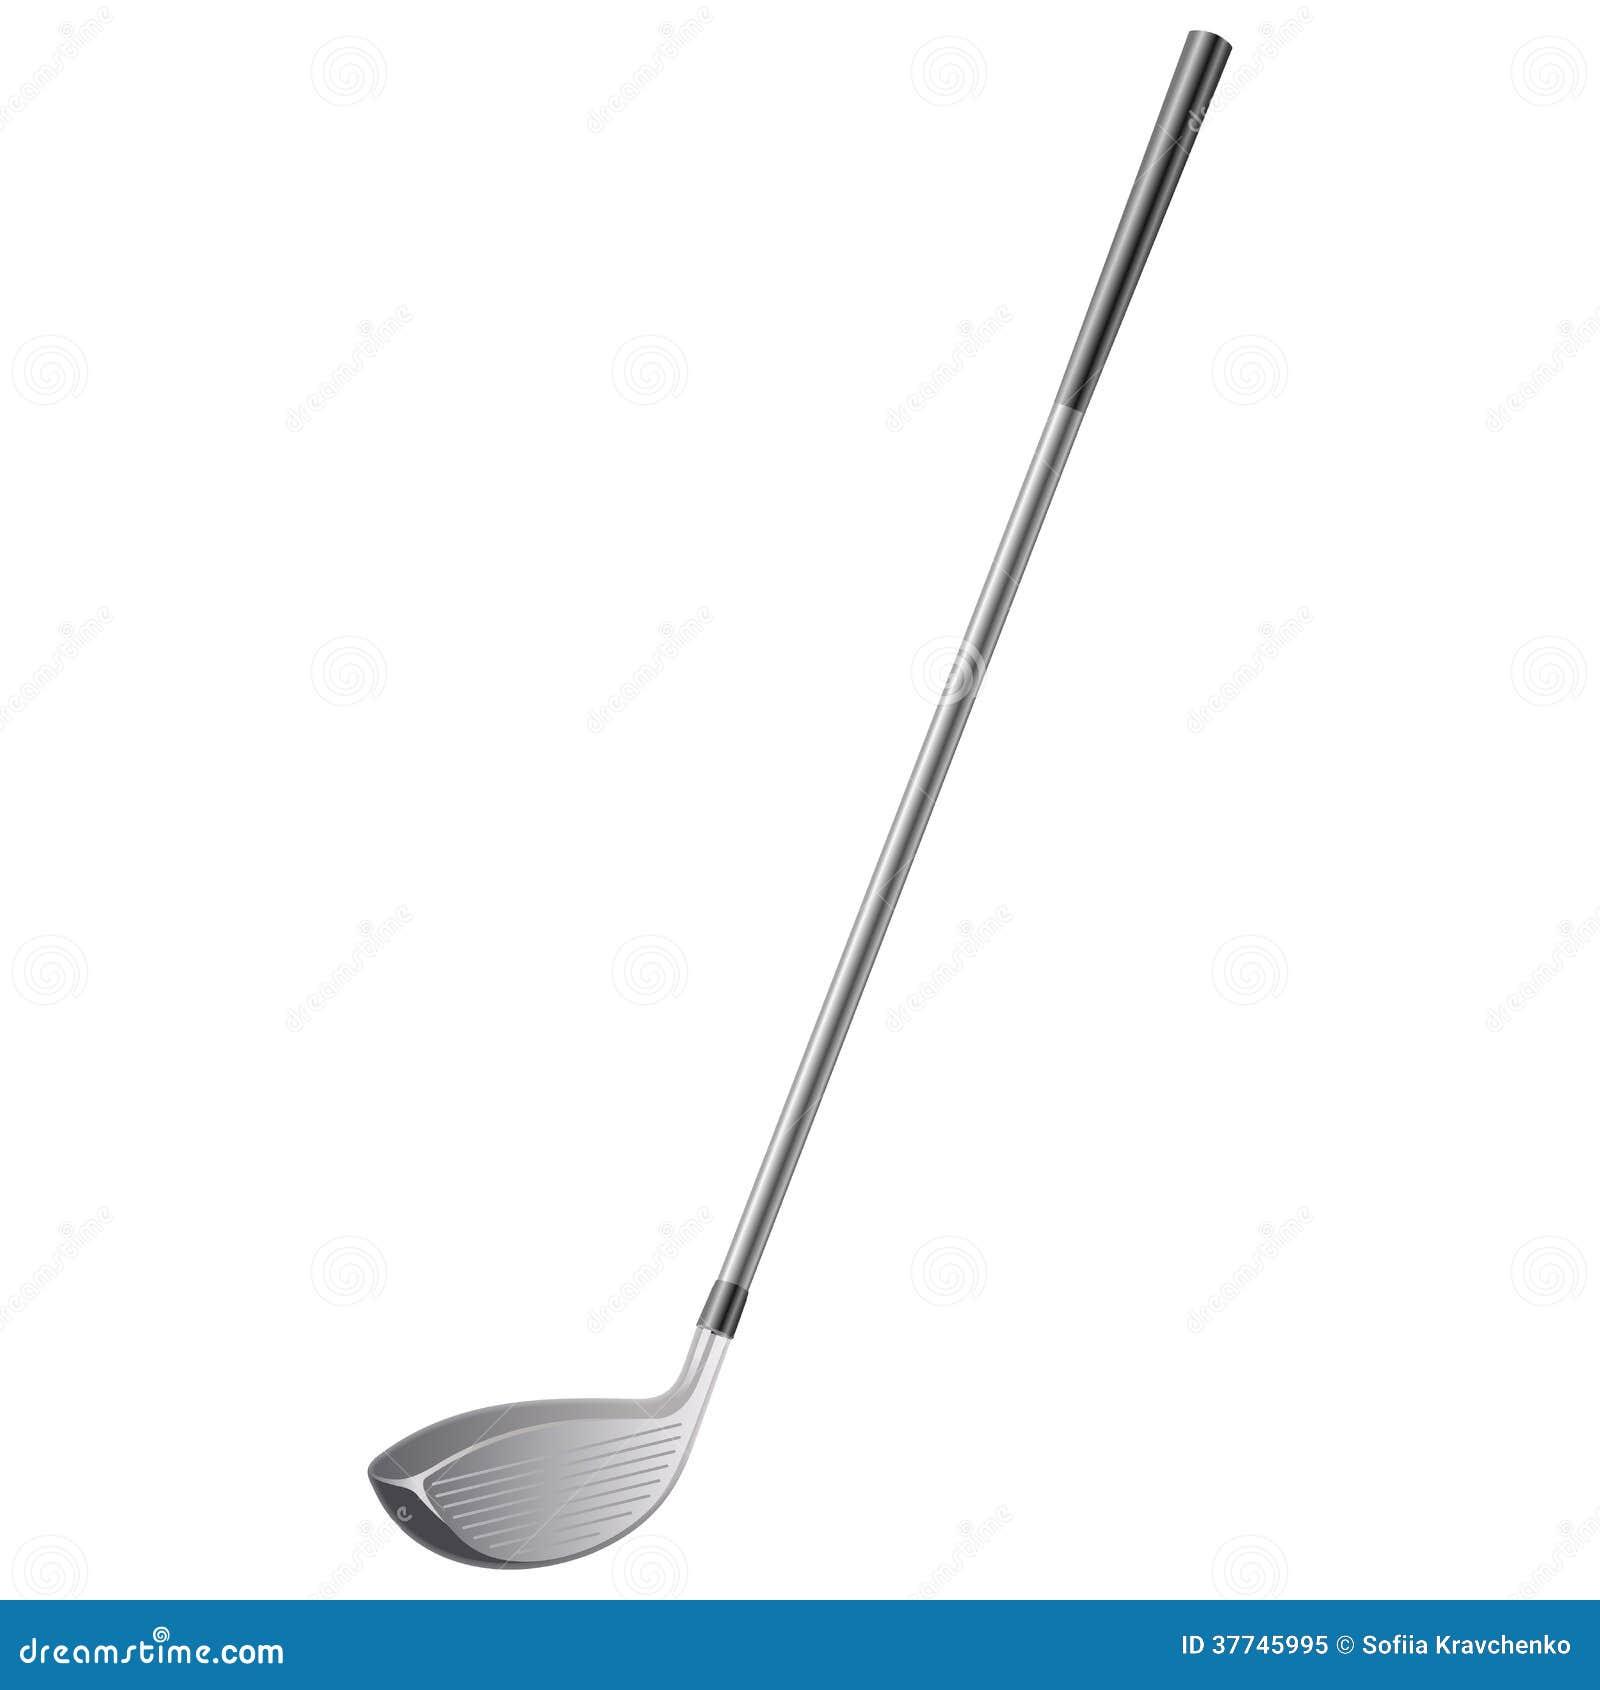 club de golf photo libre de droits image 37745995. Black Bedroom Furniture Sets. Home Design Ideas